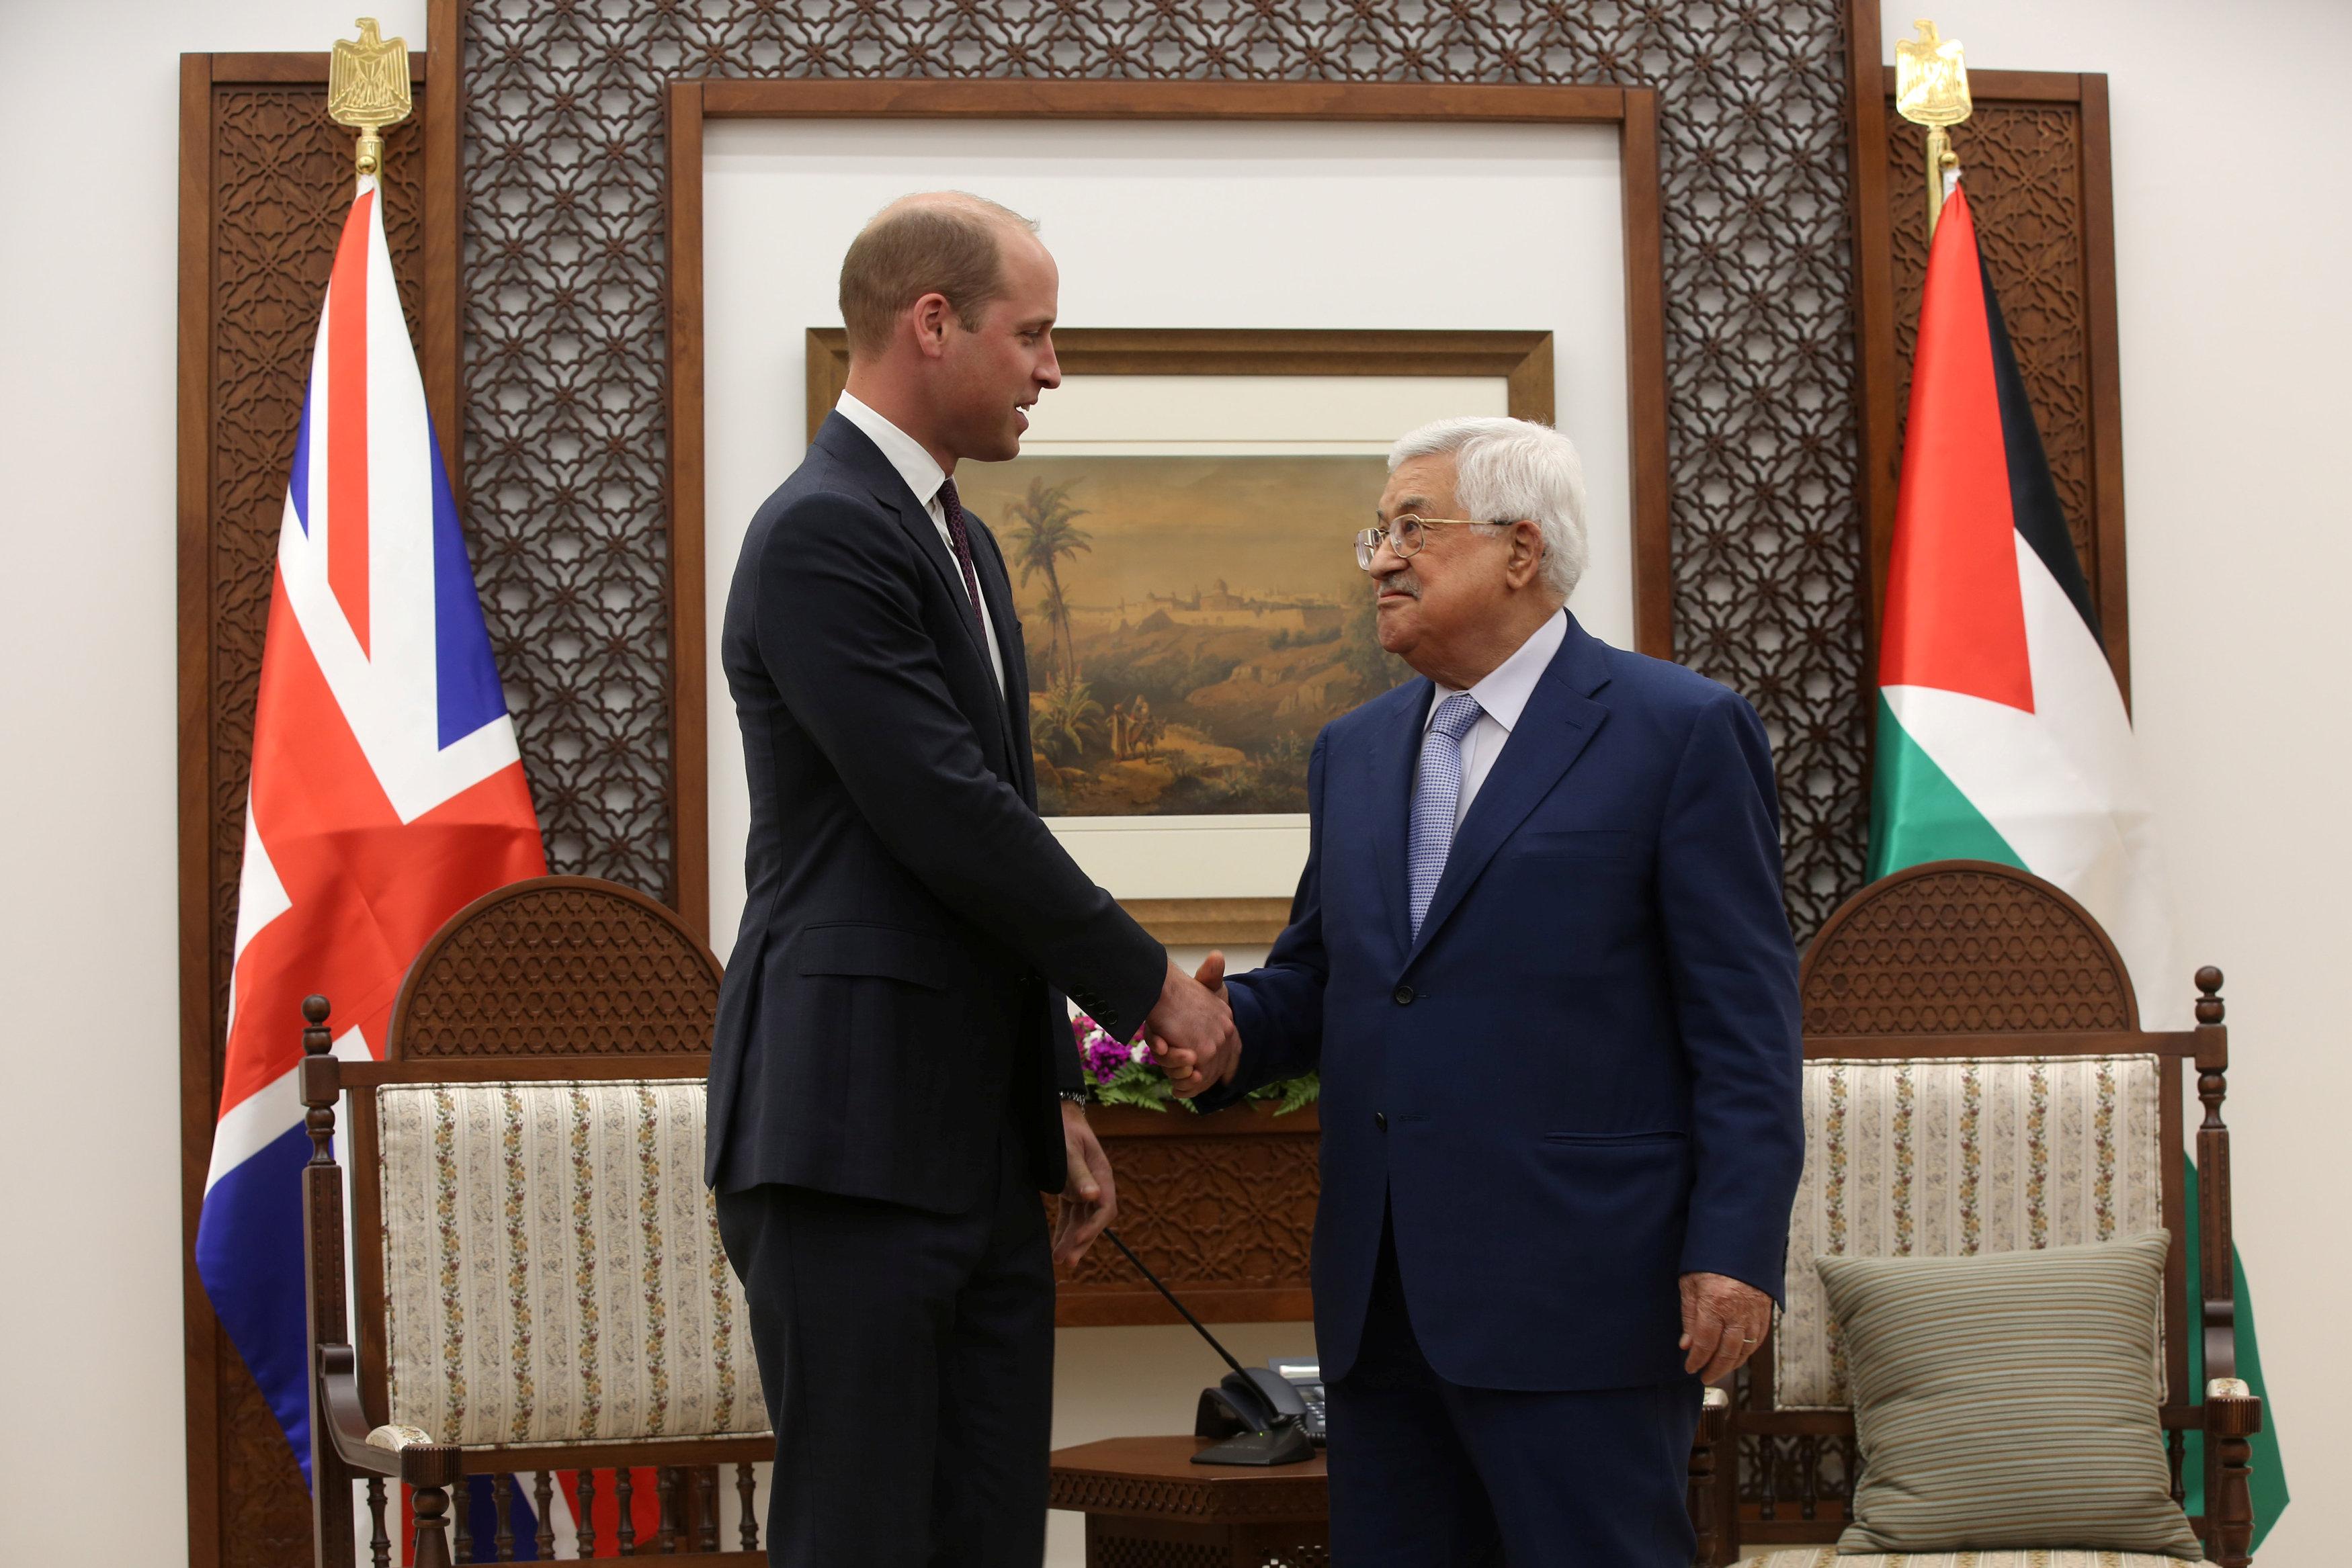 مصافحة بين الرئيس الفلسطينى والأمير وليام